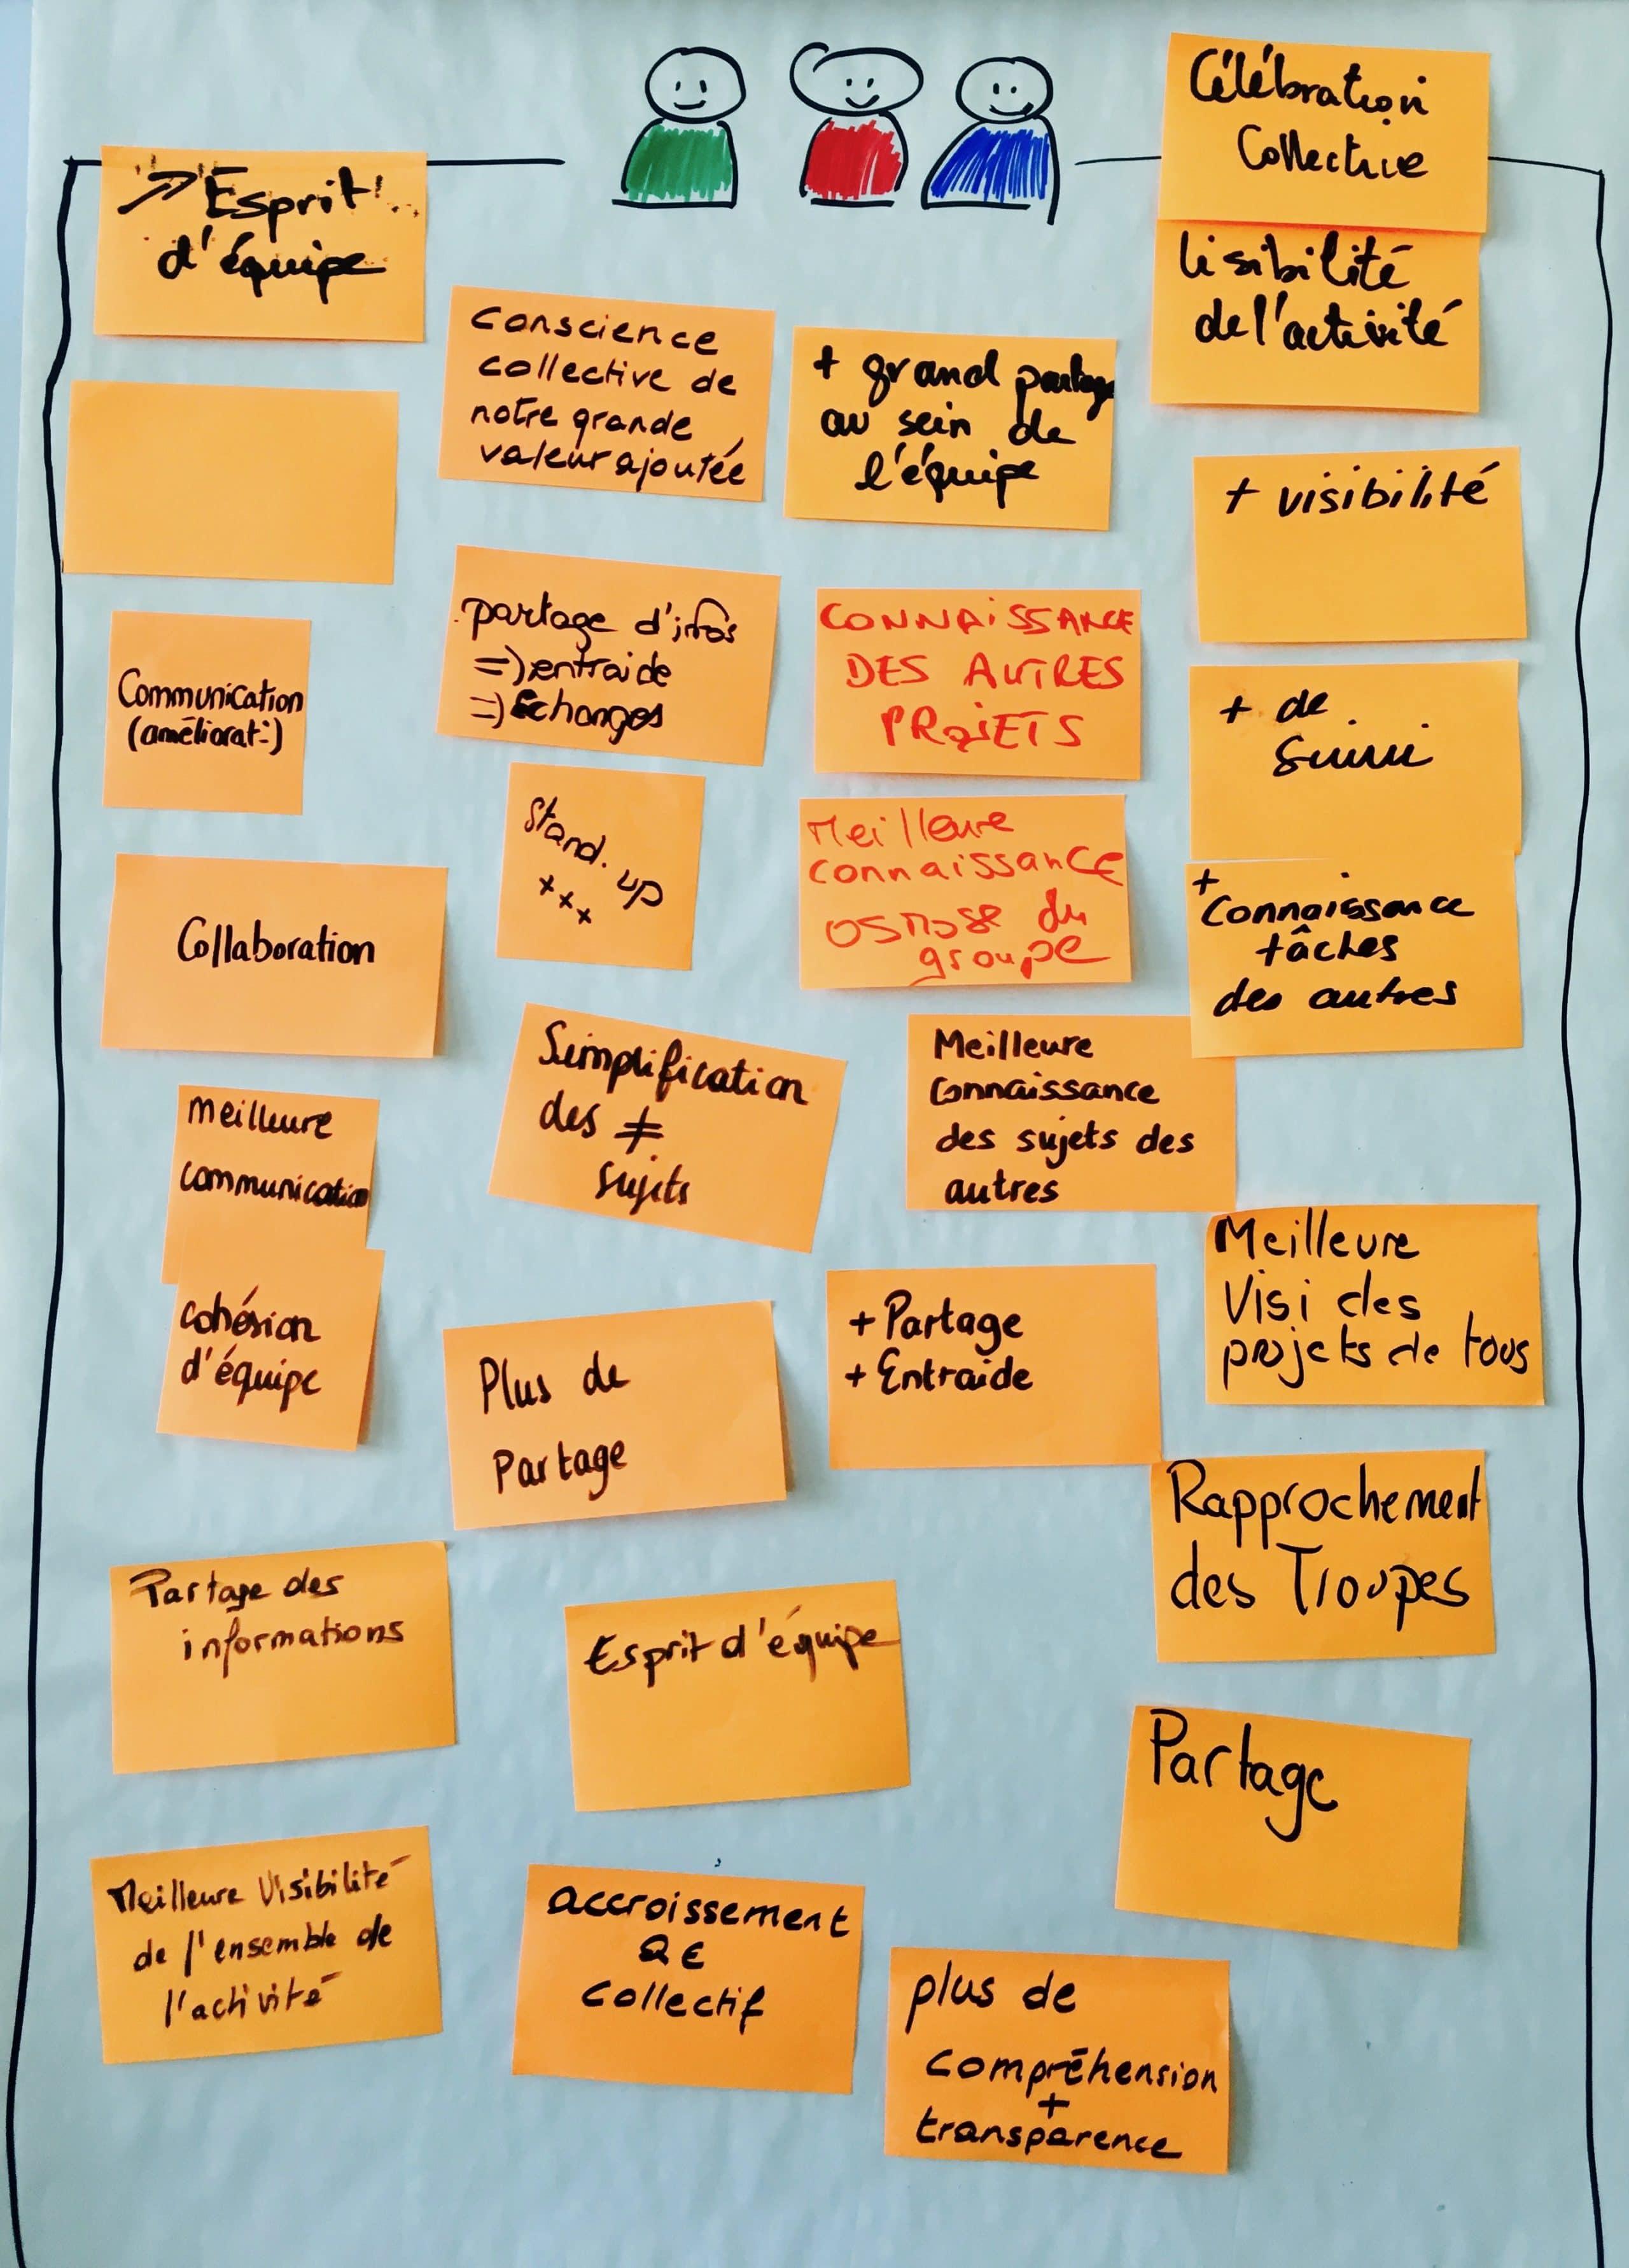 Module Management Visuel : Rétrospective et clôture